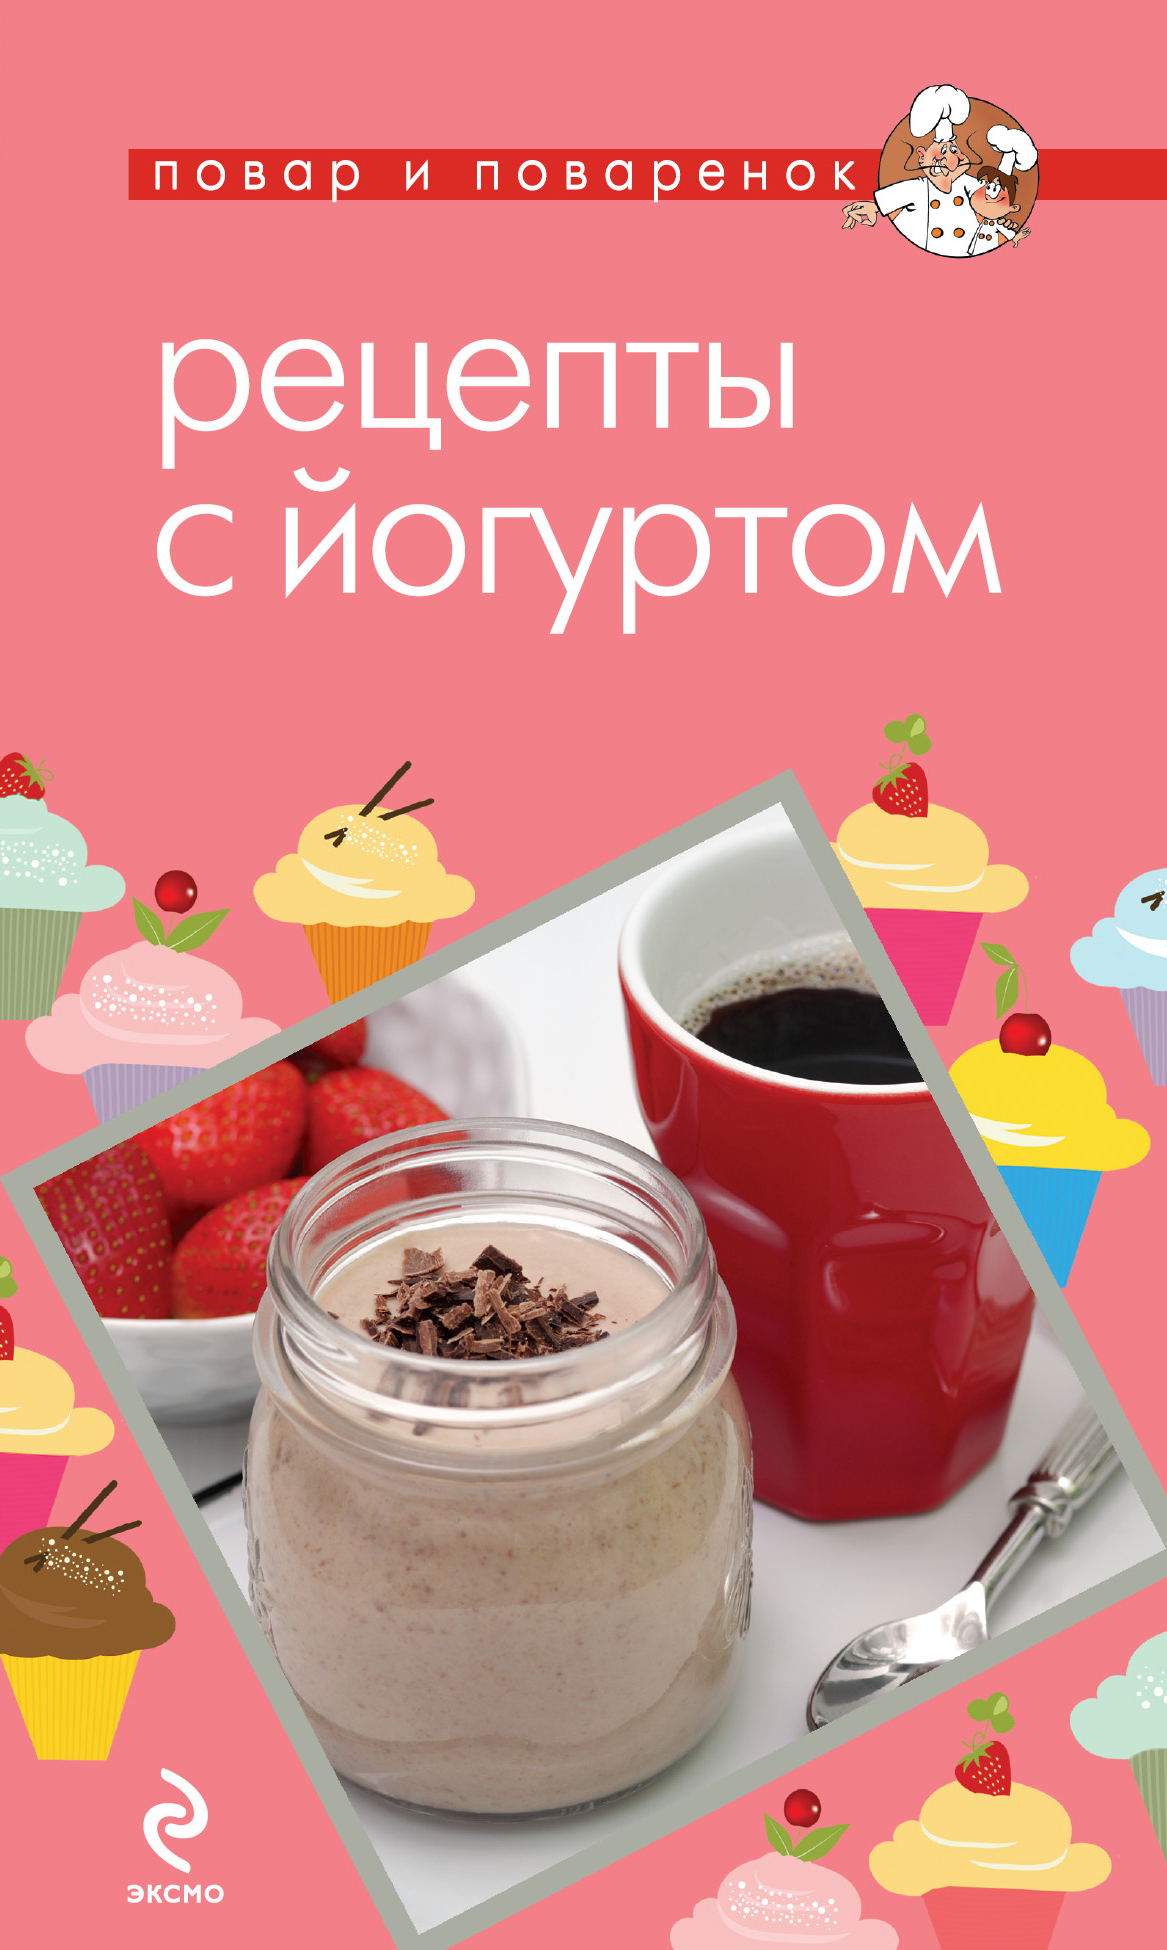 Рецепты с йогуртом от book24.ru